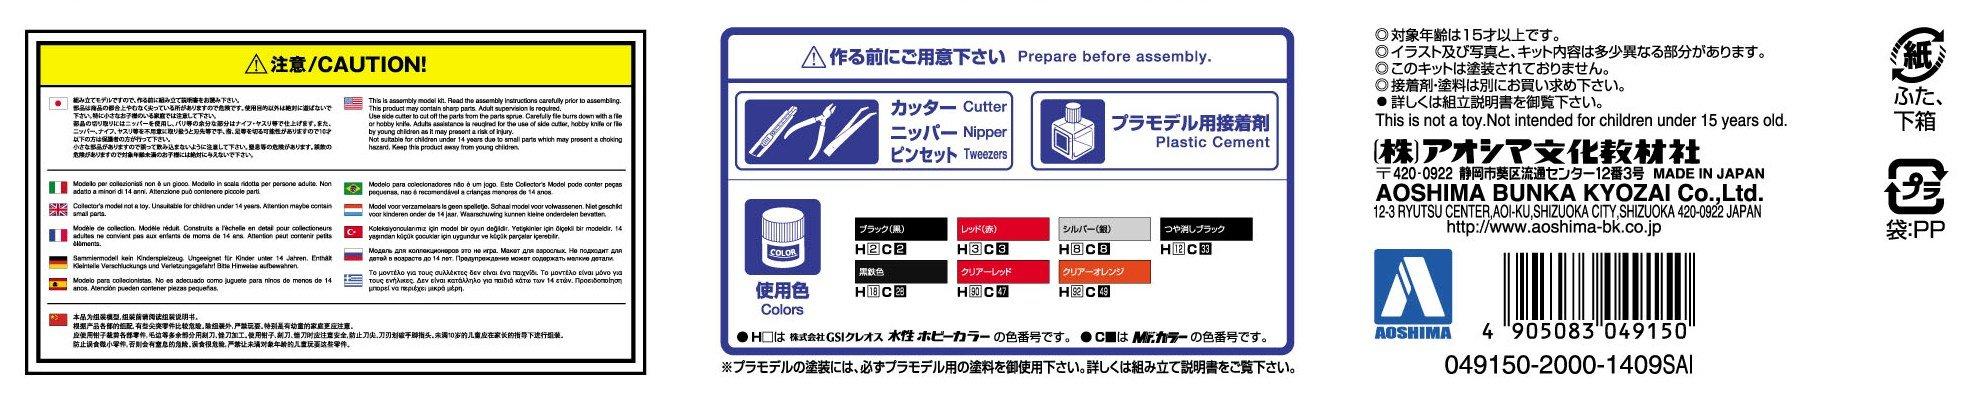 AOSHIMA 1/12 Motorcycle | Model Building Kits | No.27 Kawasaki Z400GP [ Japanese Import ]